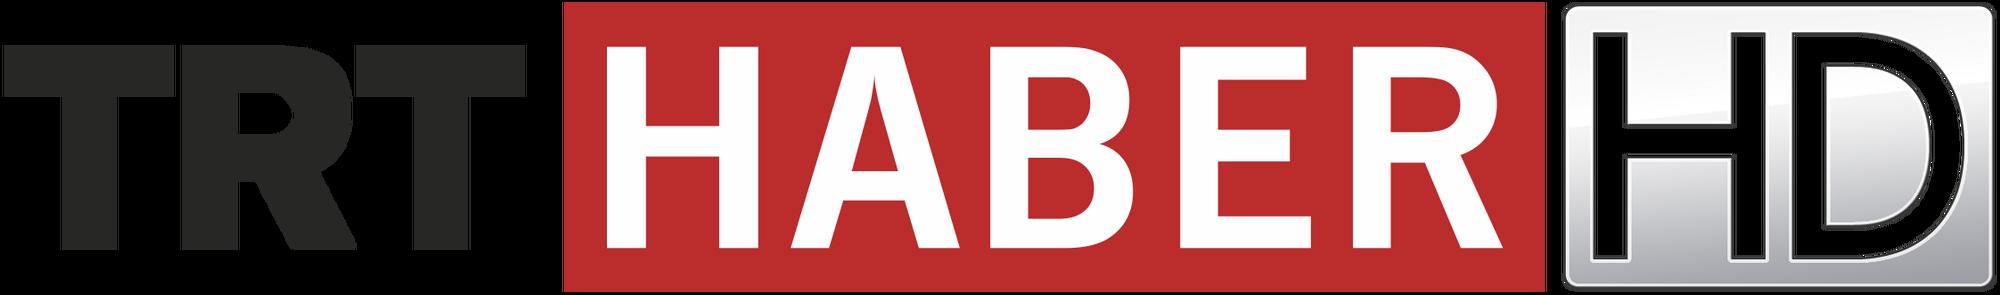 TRT Haber   Logopedia   Fandom powered by Wikia